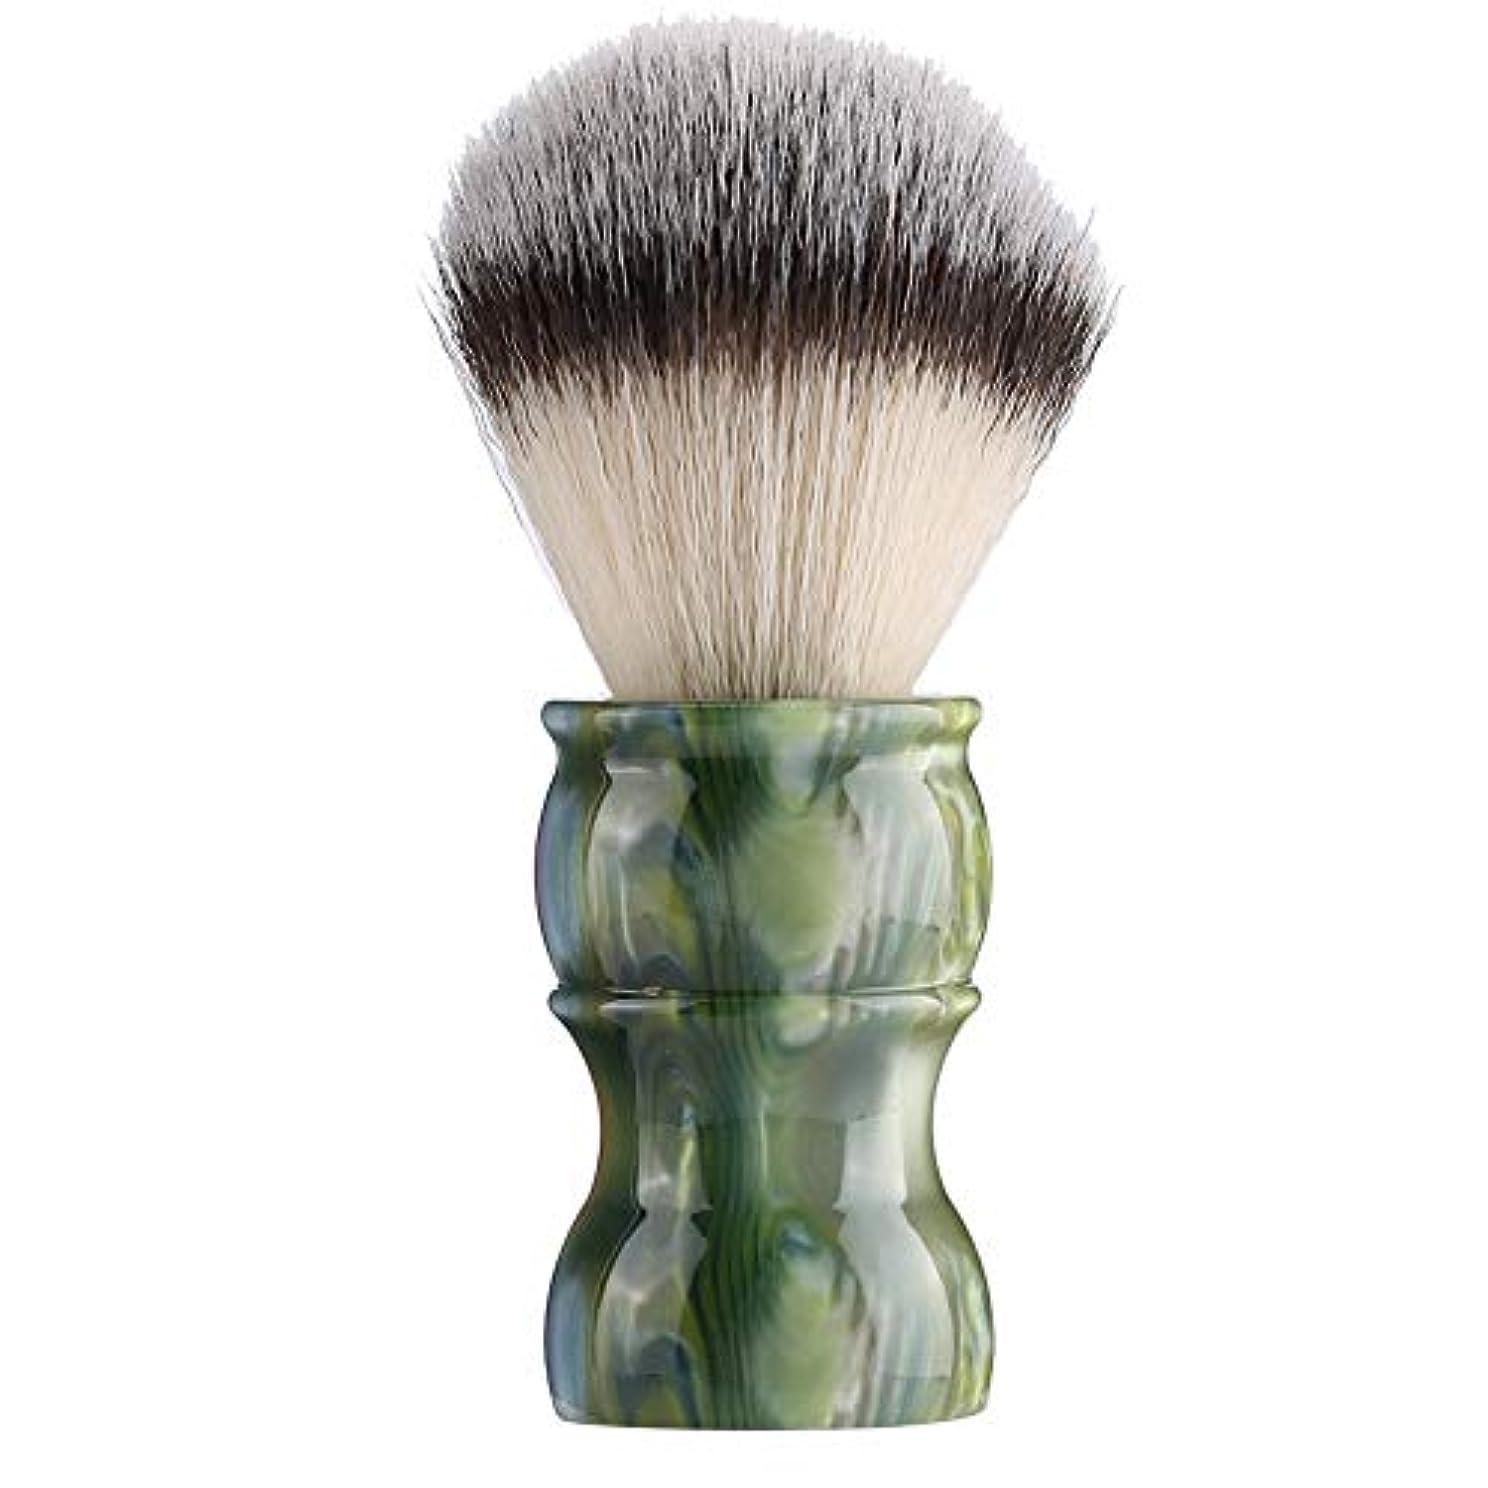 一過性名前でディンカルビル専門の手動ひげの剃るブラシ、密集したナイロン毛のきれいな人の口ひげのブラシ家および旅行のための携帯用メンズひげのブラシ(#2)